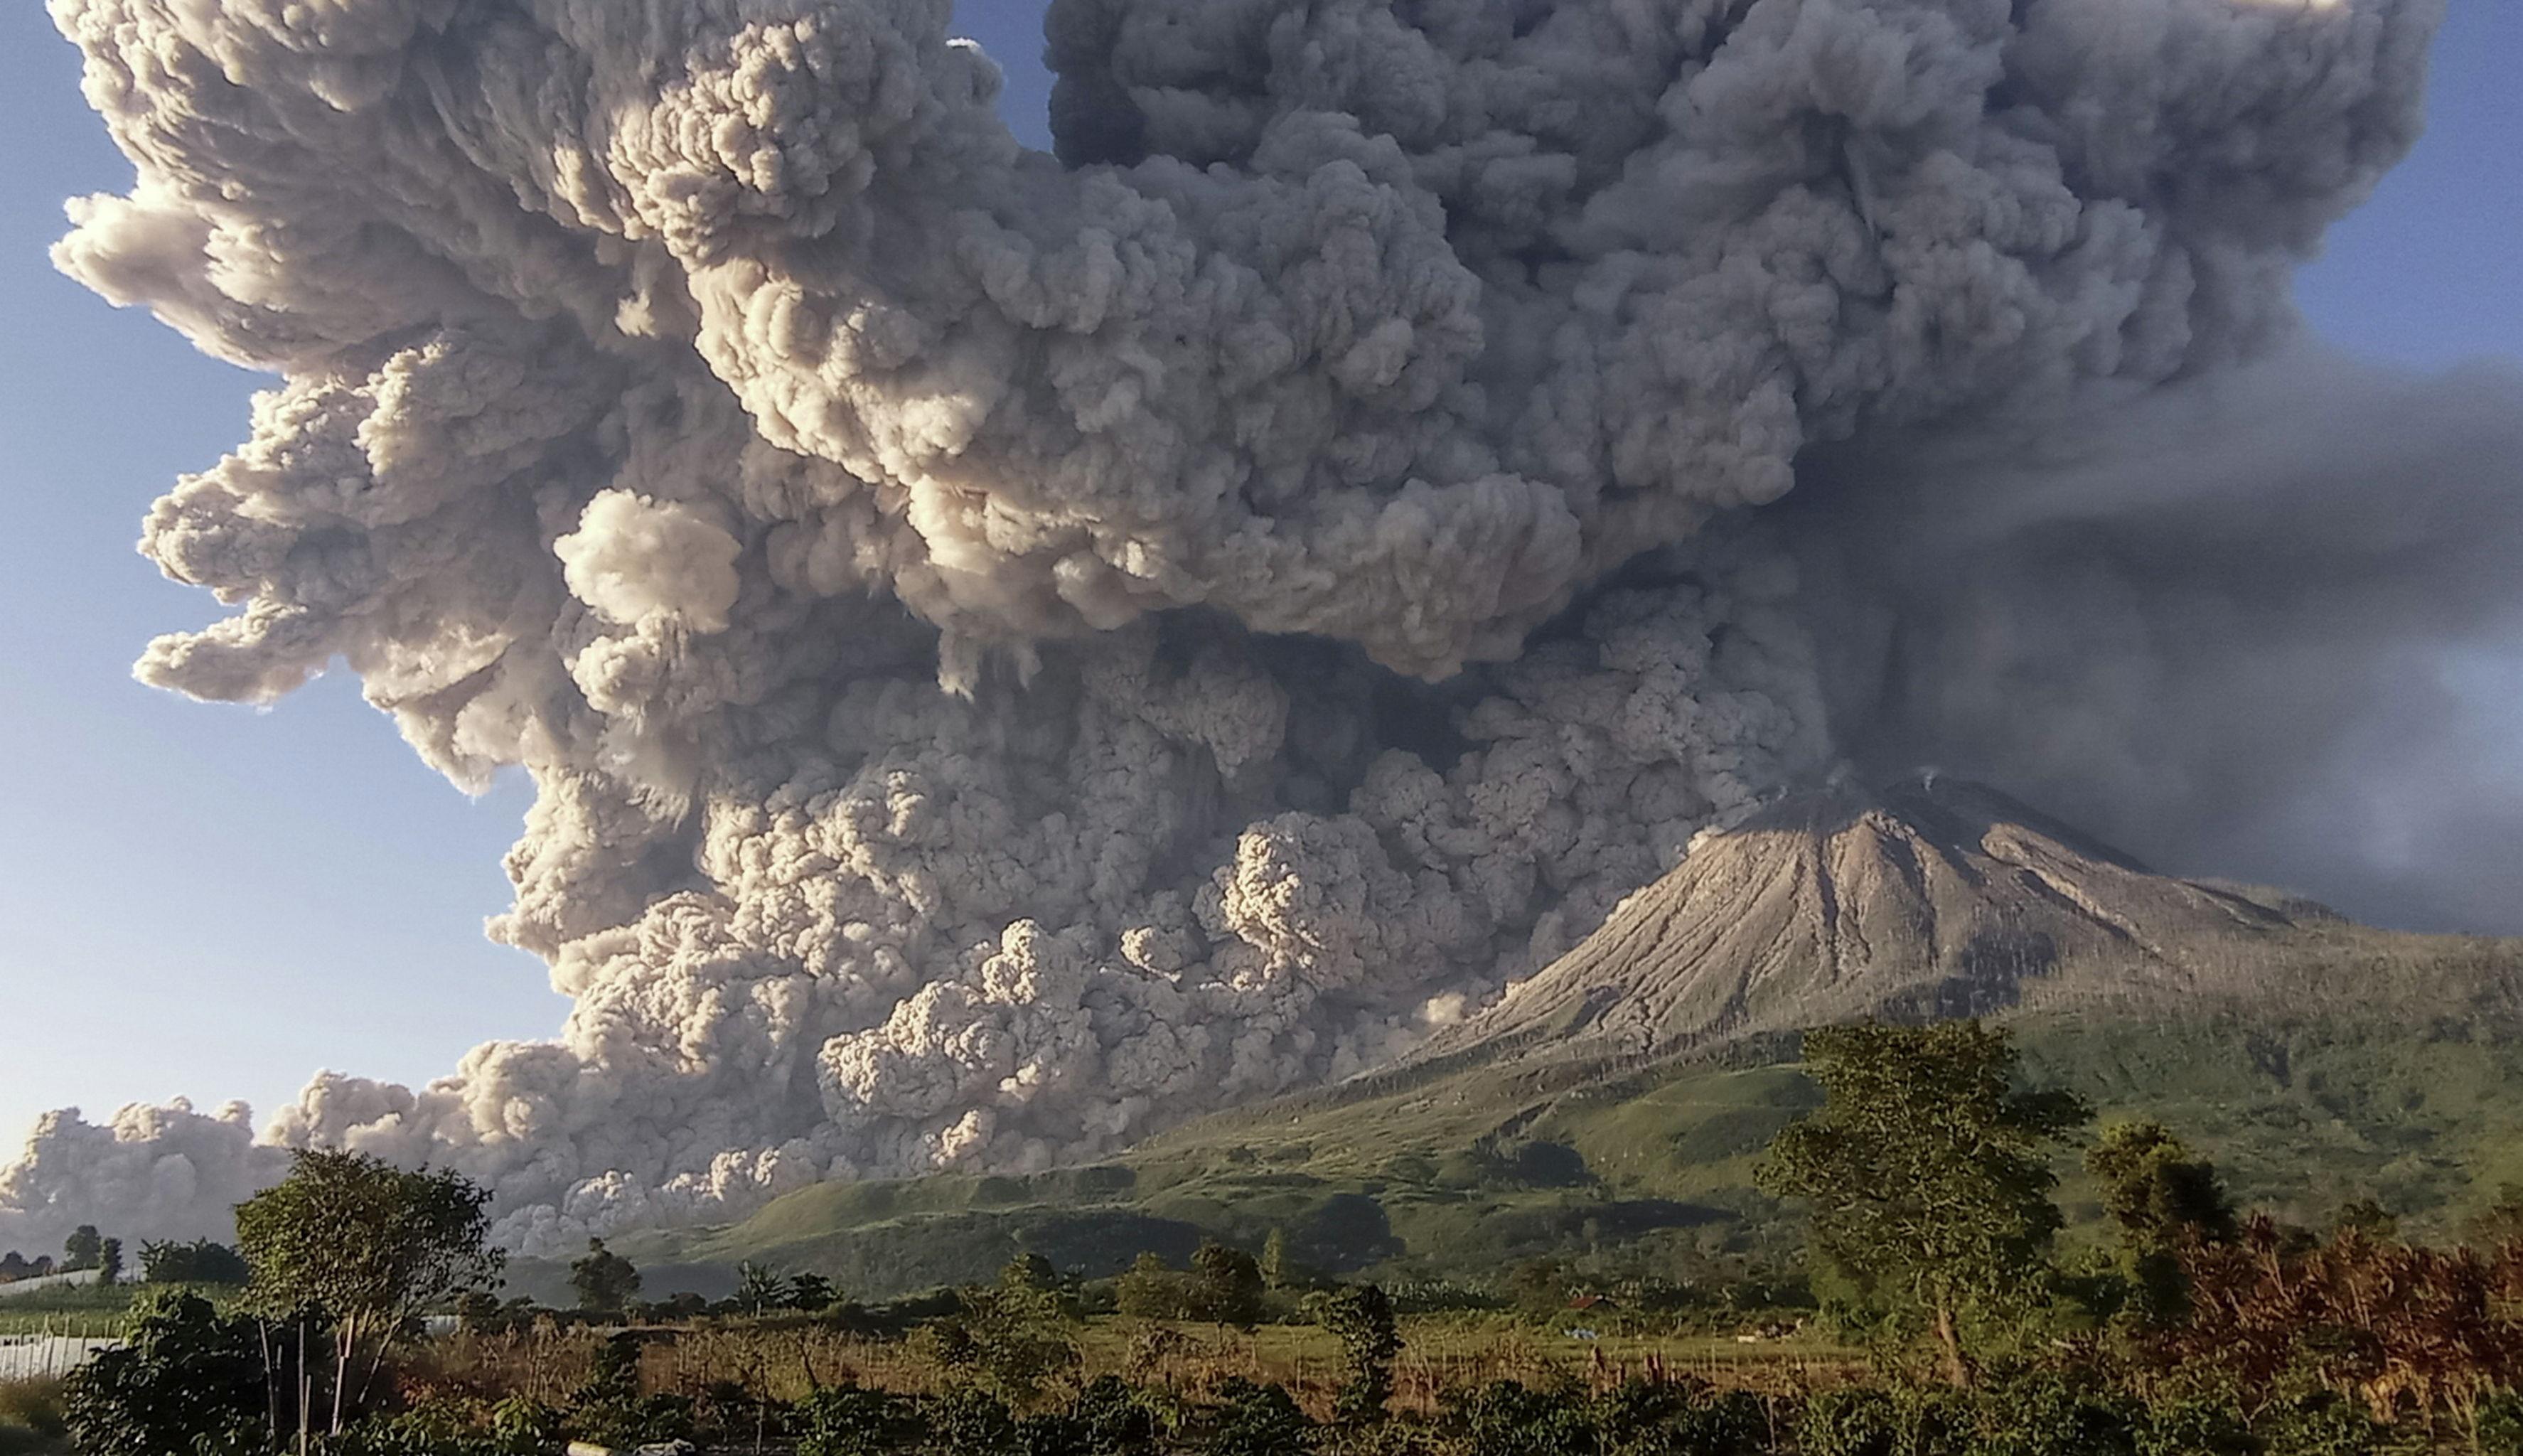 Вулкан Синабунг в Индонезии выбросил столб пепла